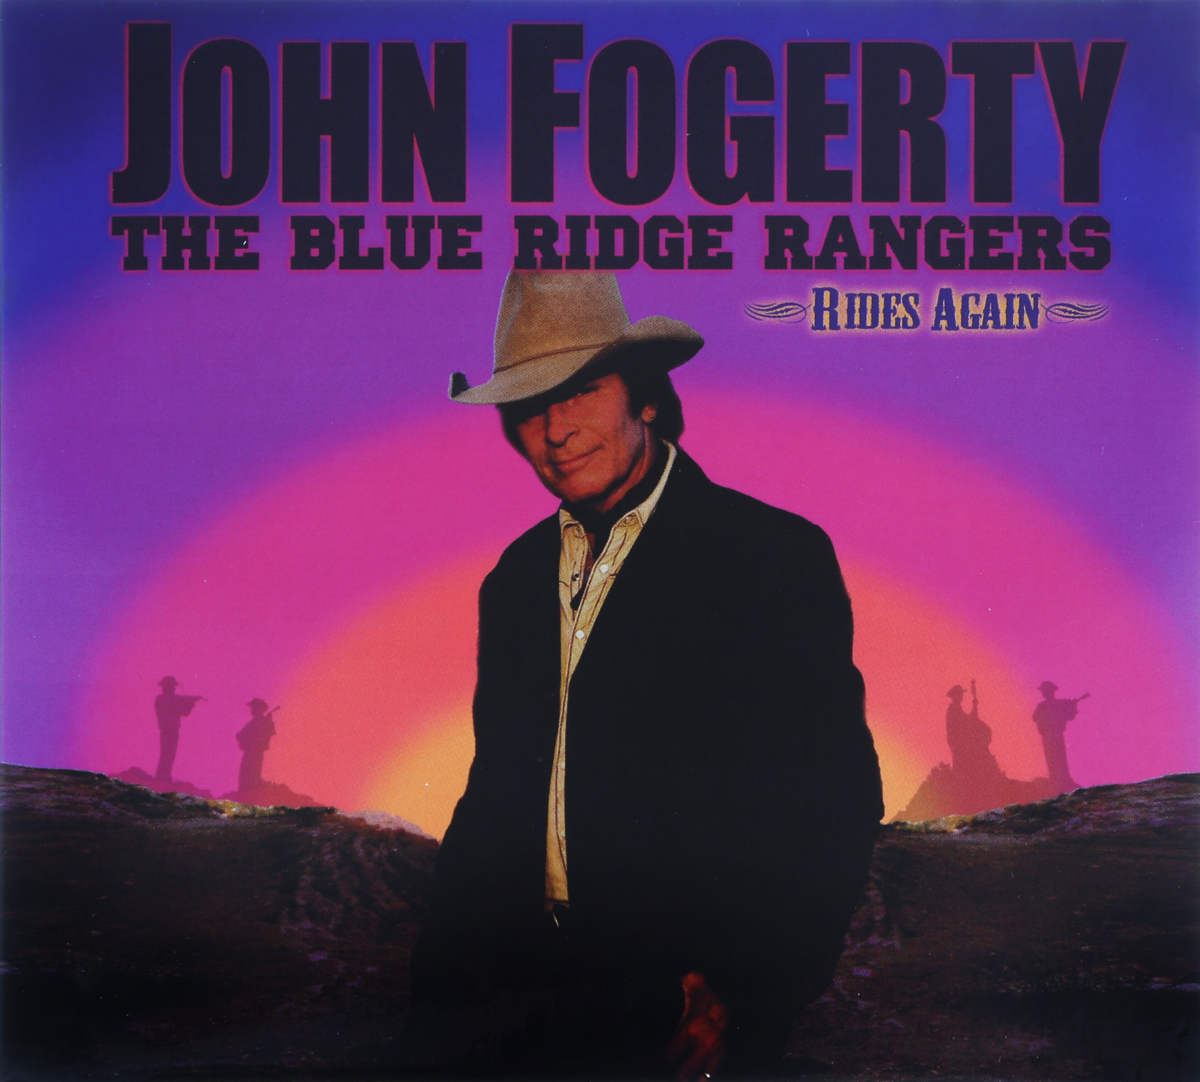 лучшая цена Джон Фогерти John Fogerty. The Blue Ridge Rangers Rides Again